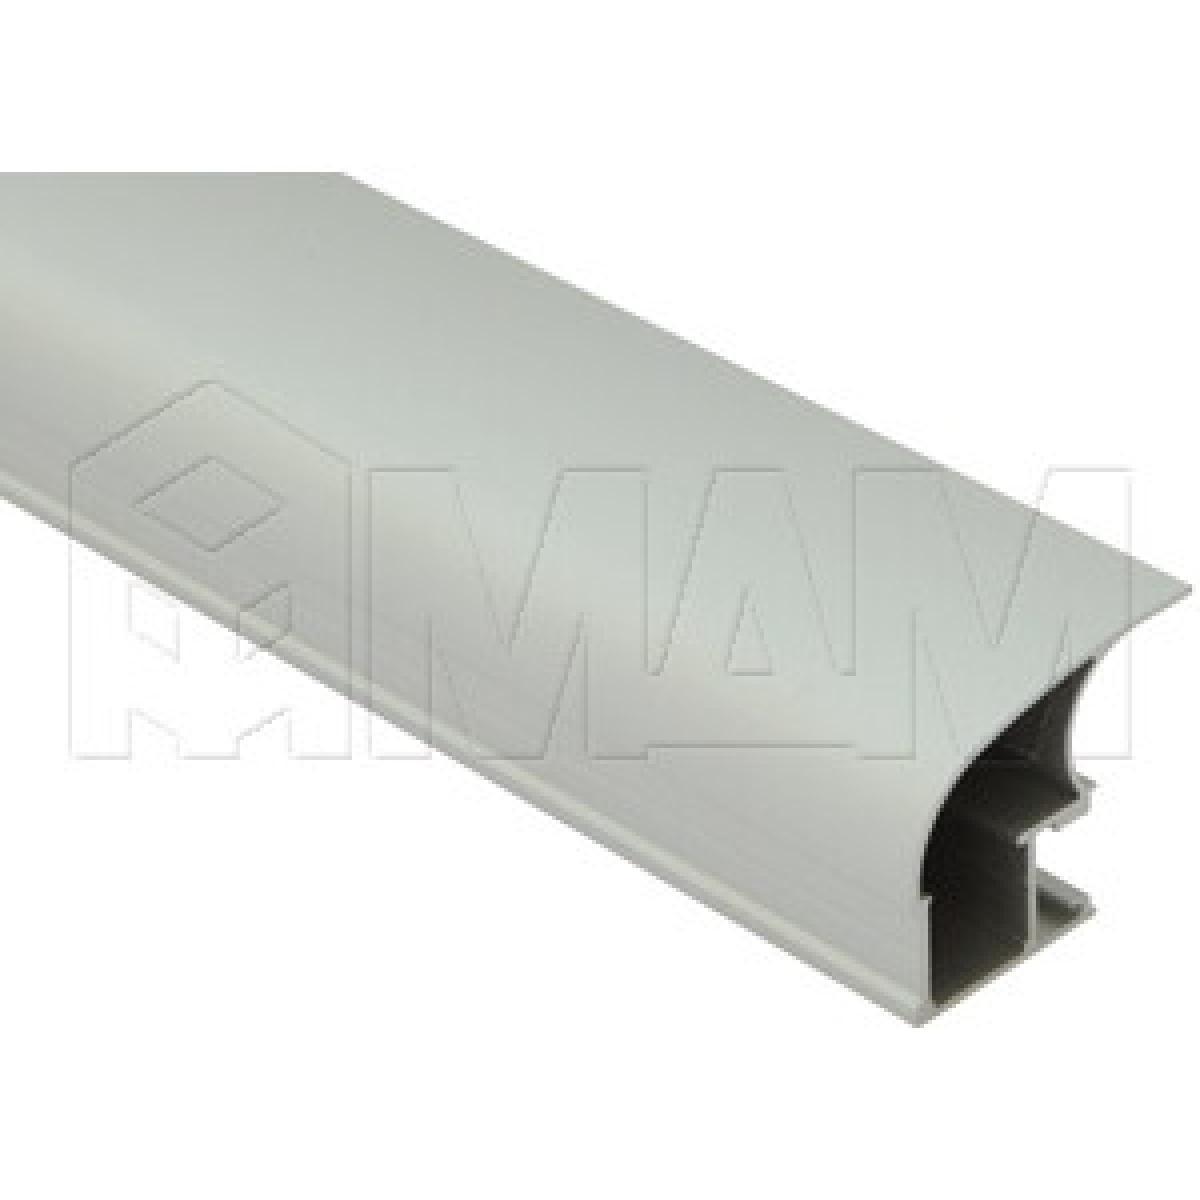 INTEGRO Широкая профиль-ручка асим. серебро, L-5400